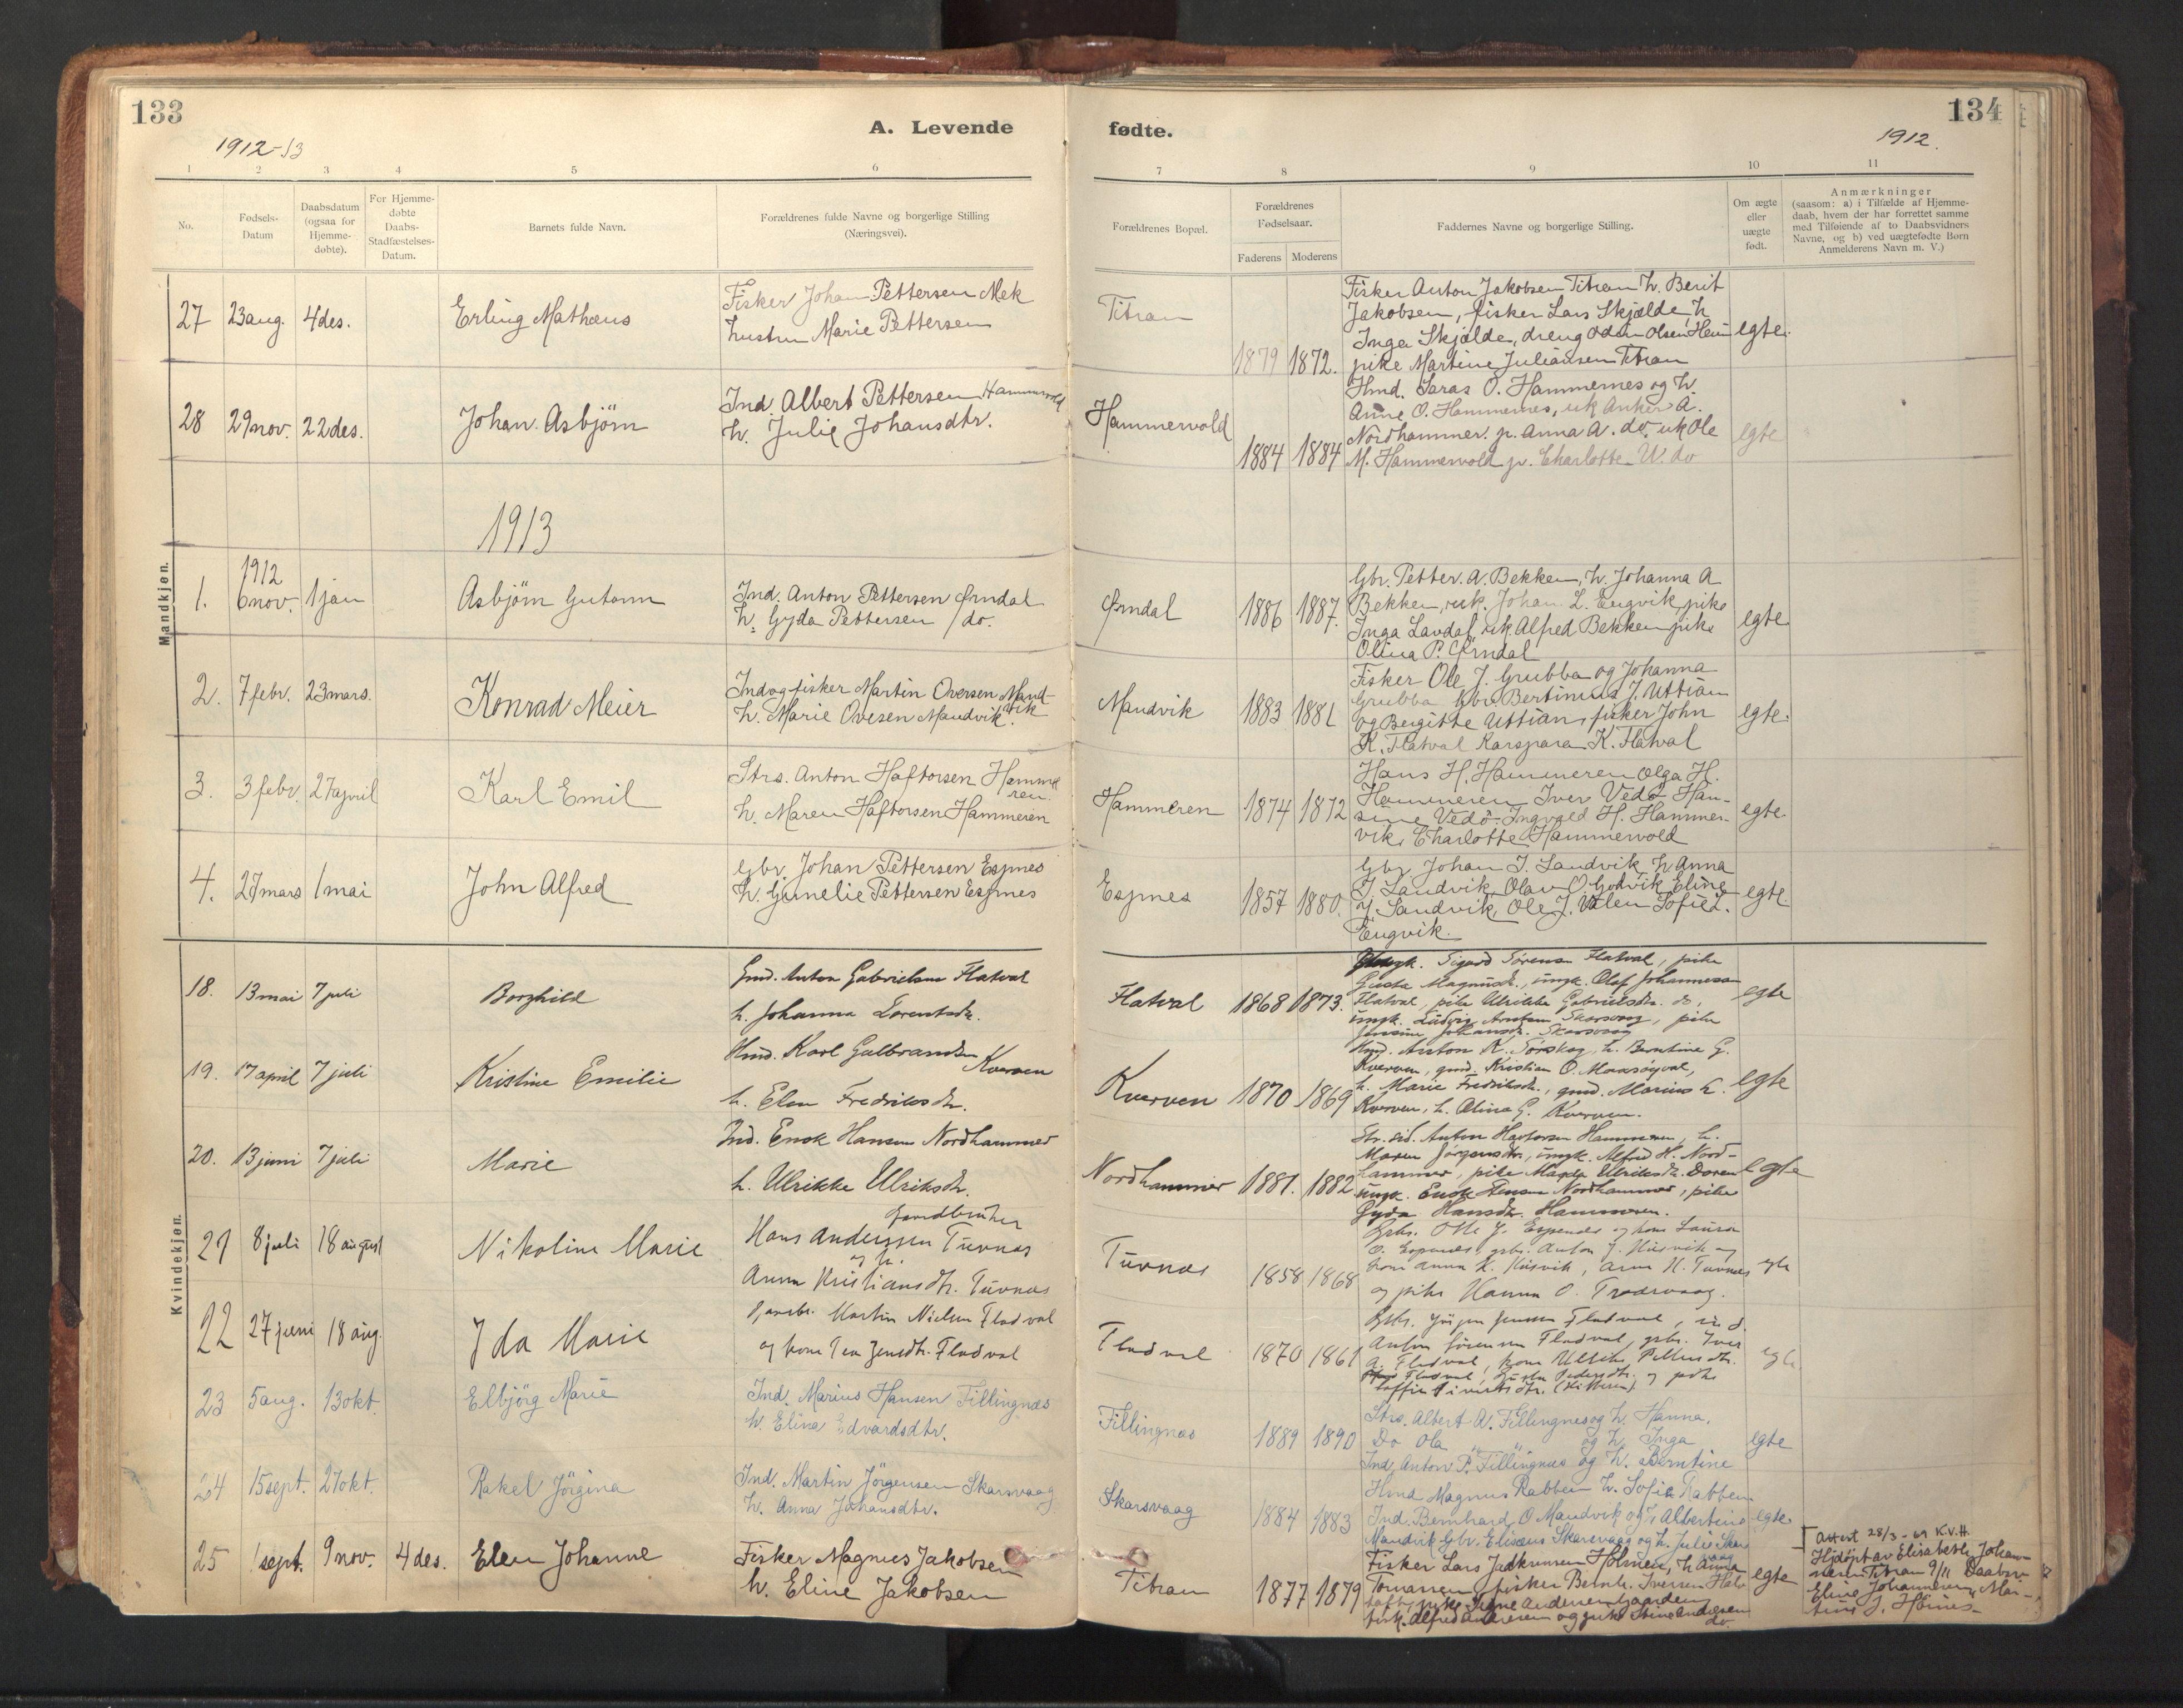 SAT, Ministerialprotokoller, klokkerbøker og fødselsregistre - Sør-Trøndelag, 641/L0596: Ministerialbok nr. 641A02, 1898-1915, s. 133-134